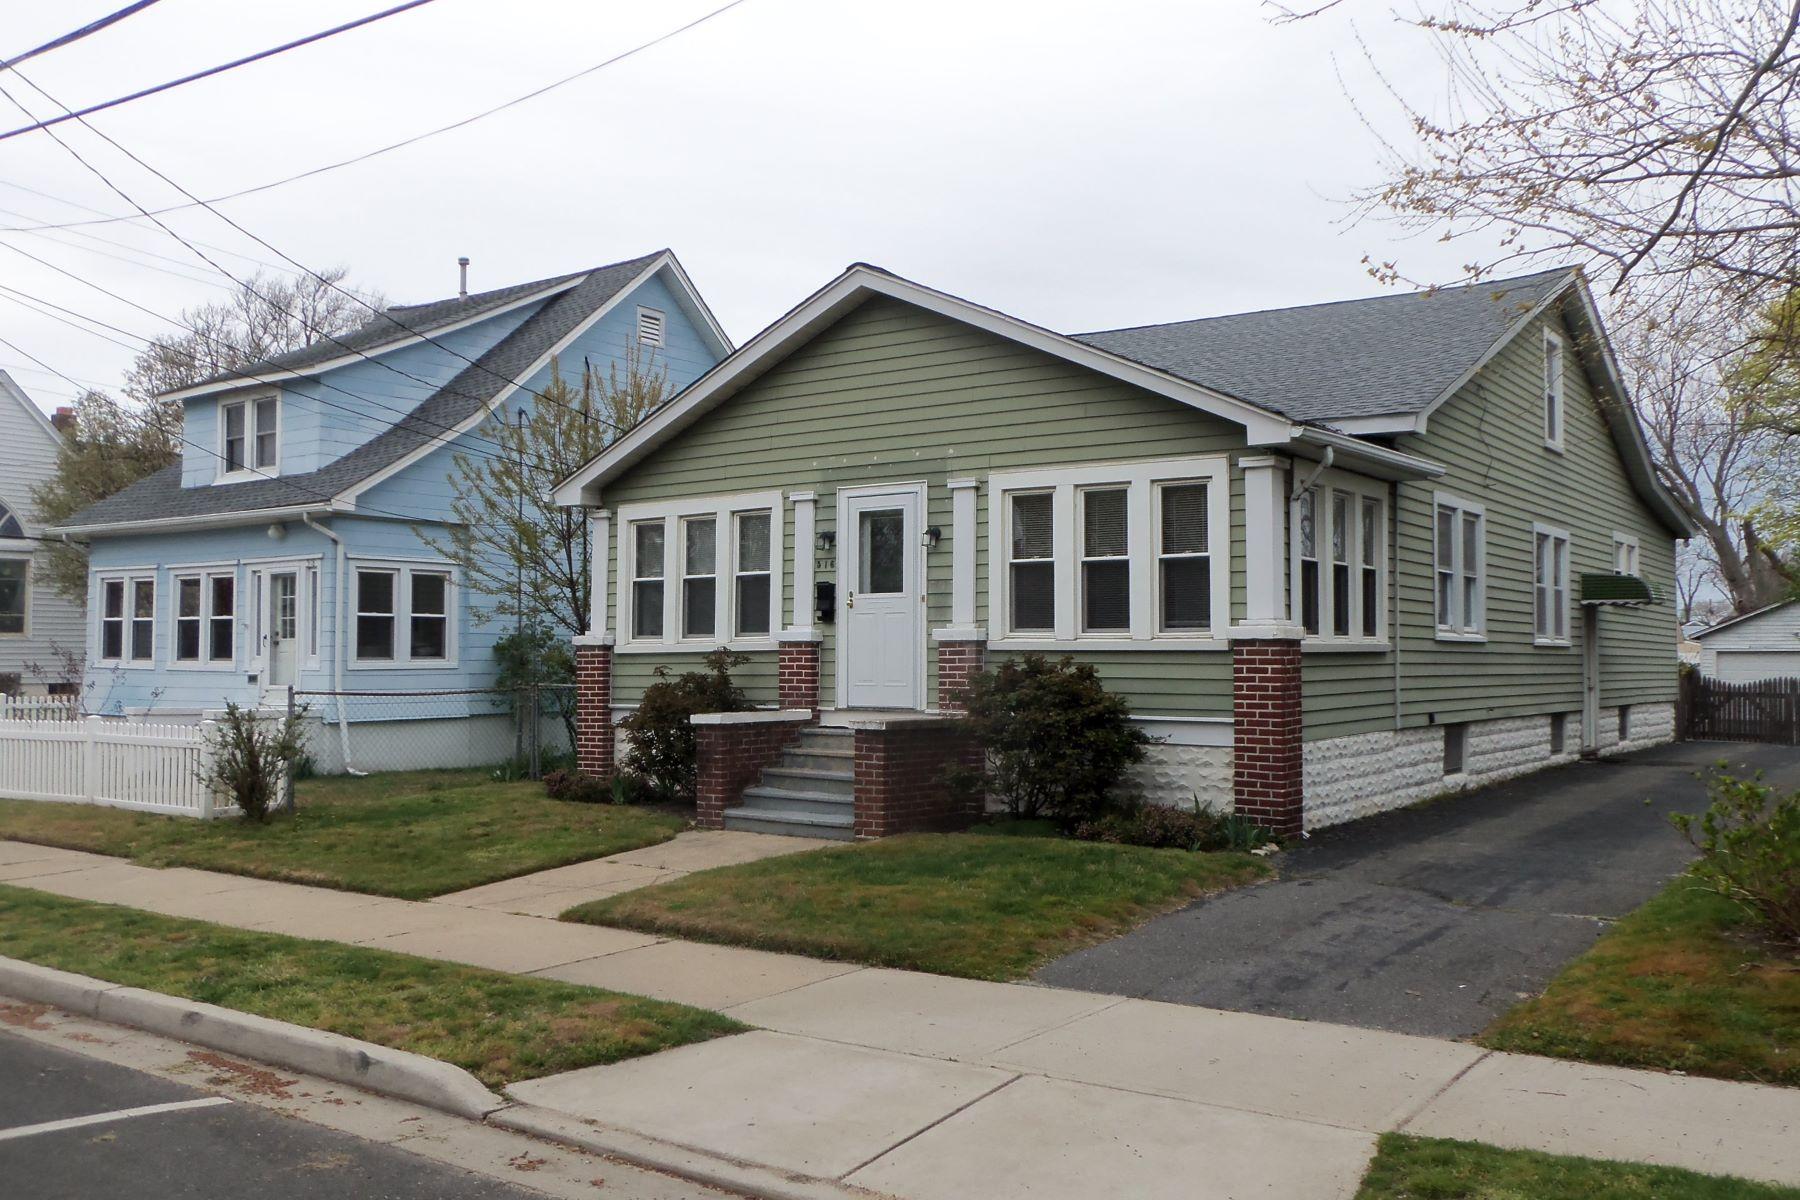 Maison unifamiliale pour l Vente à Charming Craftsman Cottage 516 13th Ave Belmar, New Jersey 07719 États-Unis